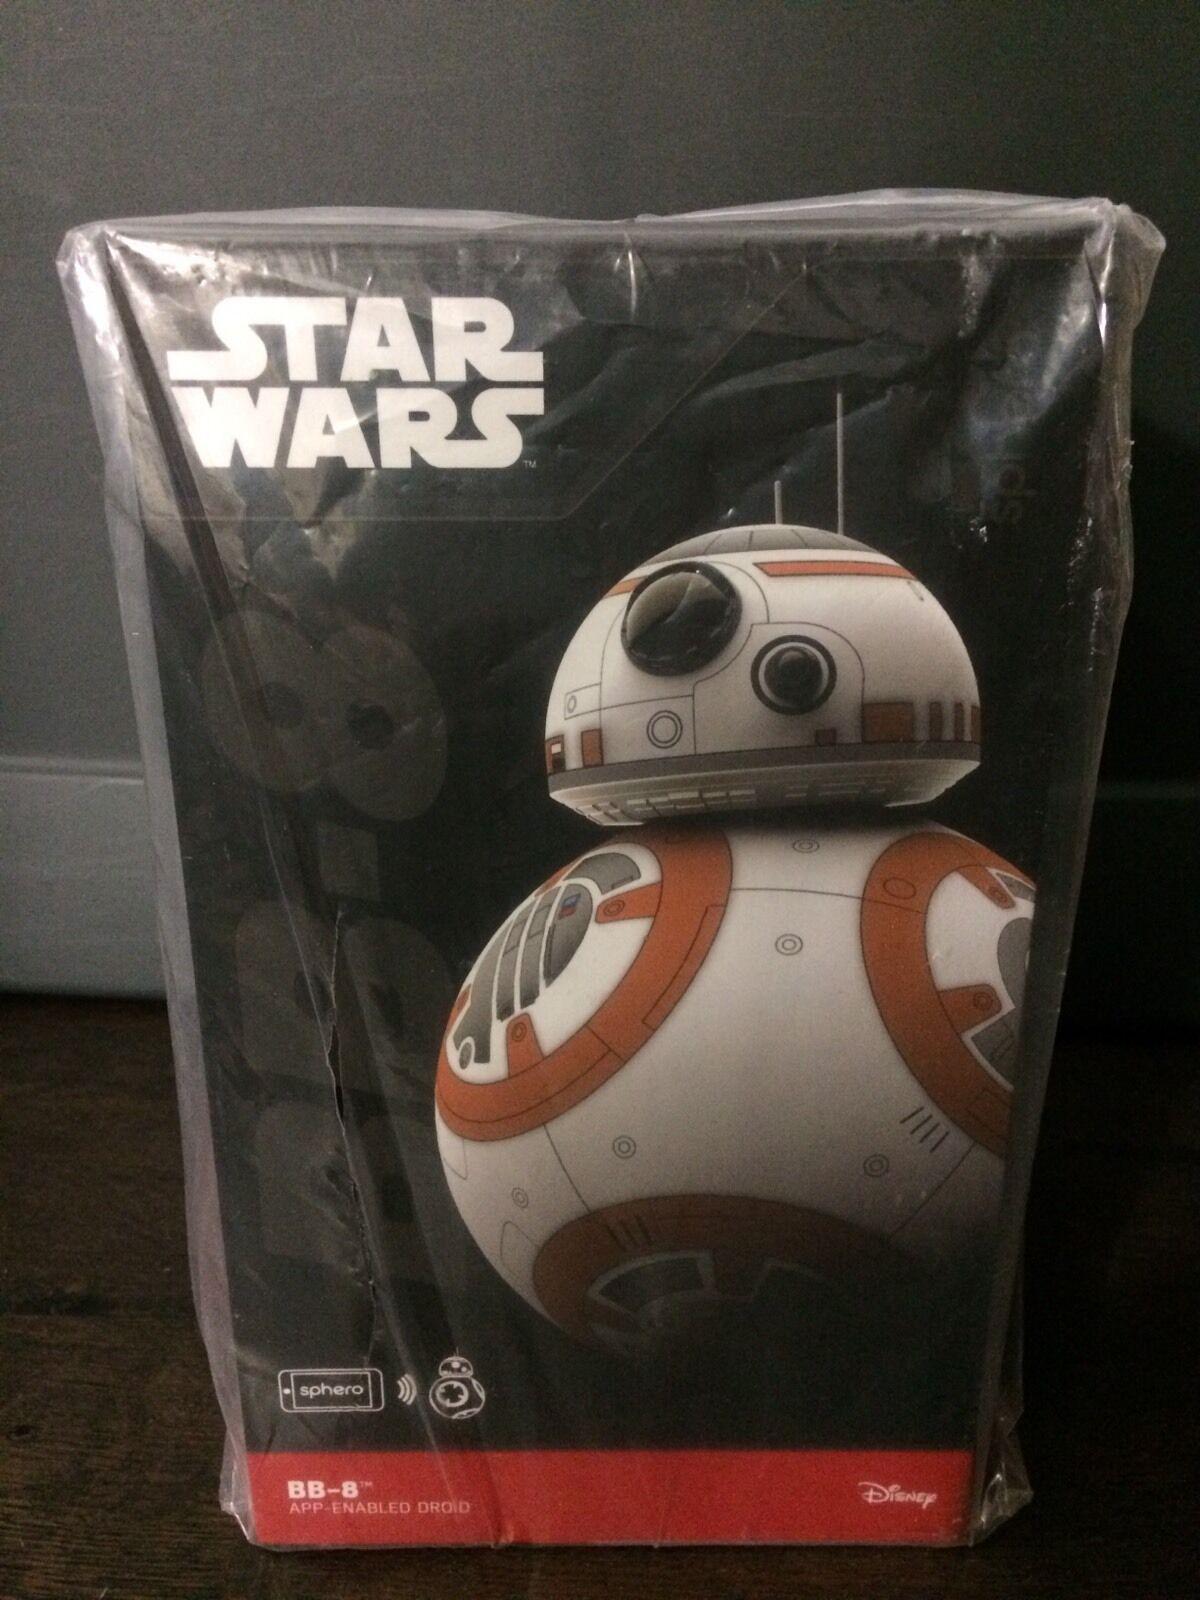 Sphero Star Wars BB-8 BB-8 BB-8 Droid 5ec21a